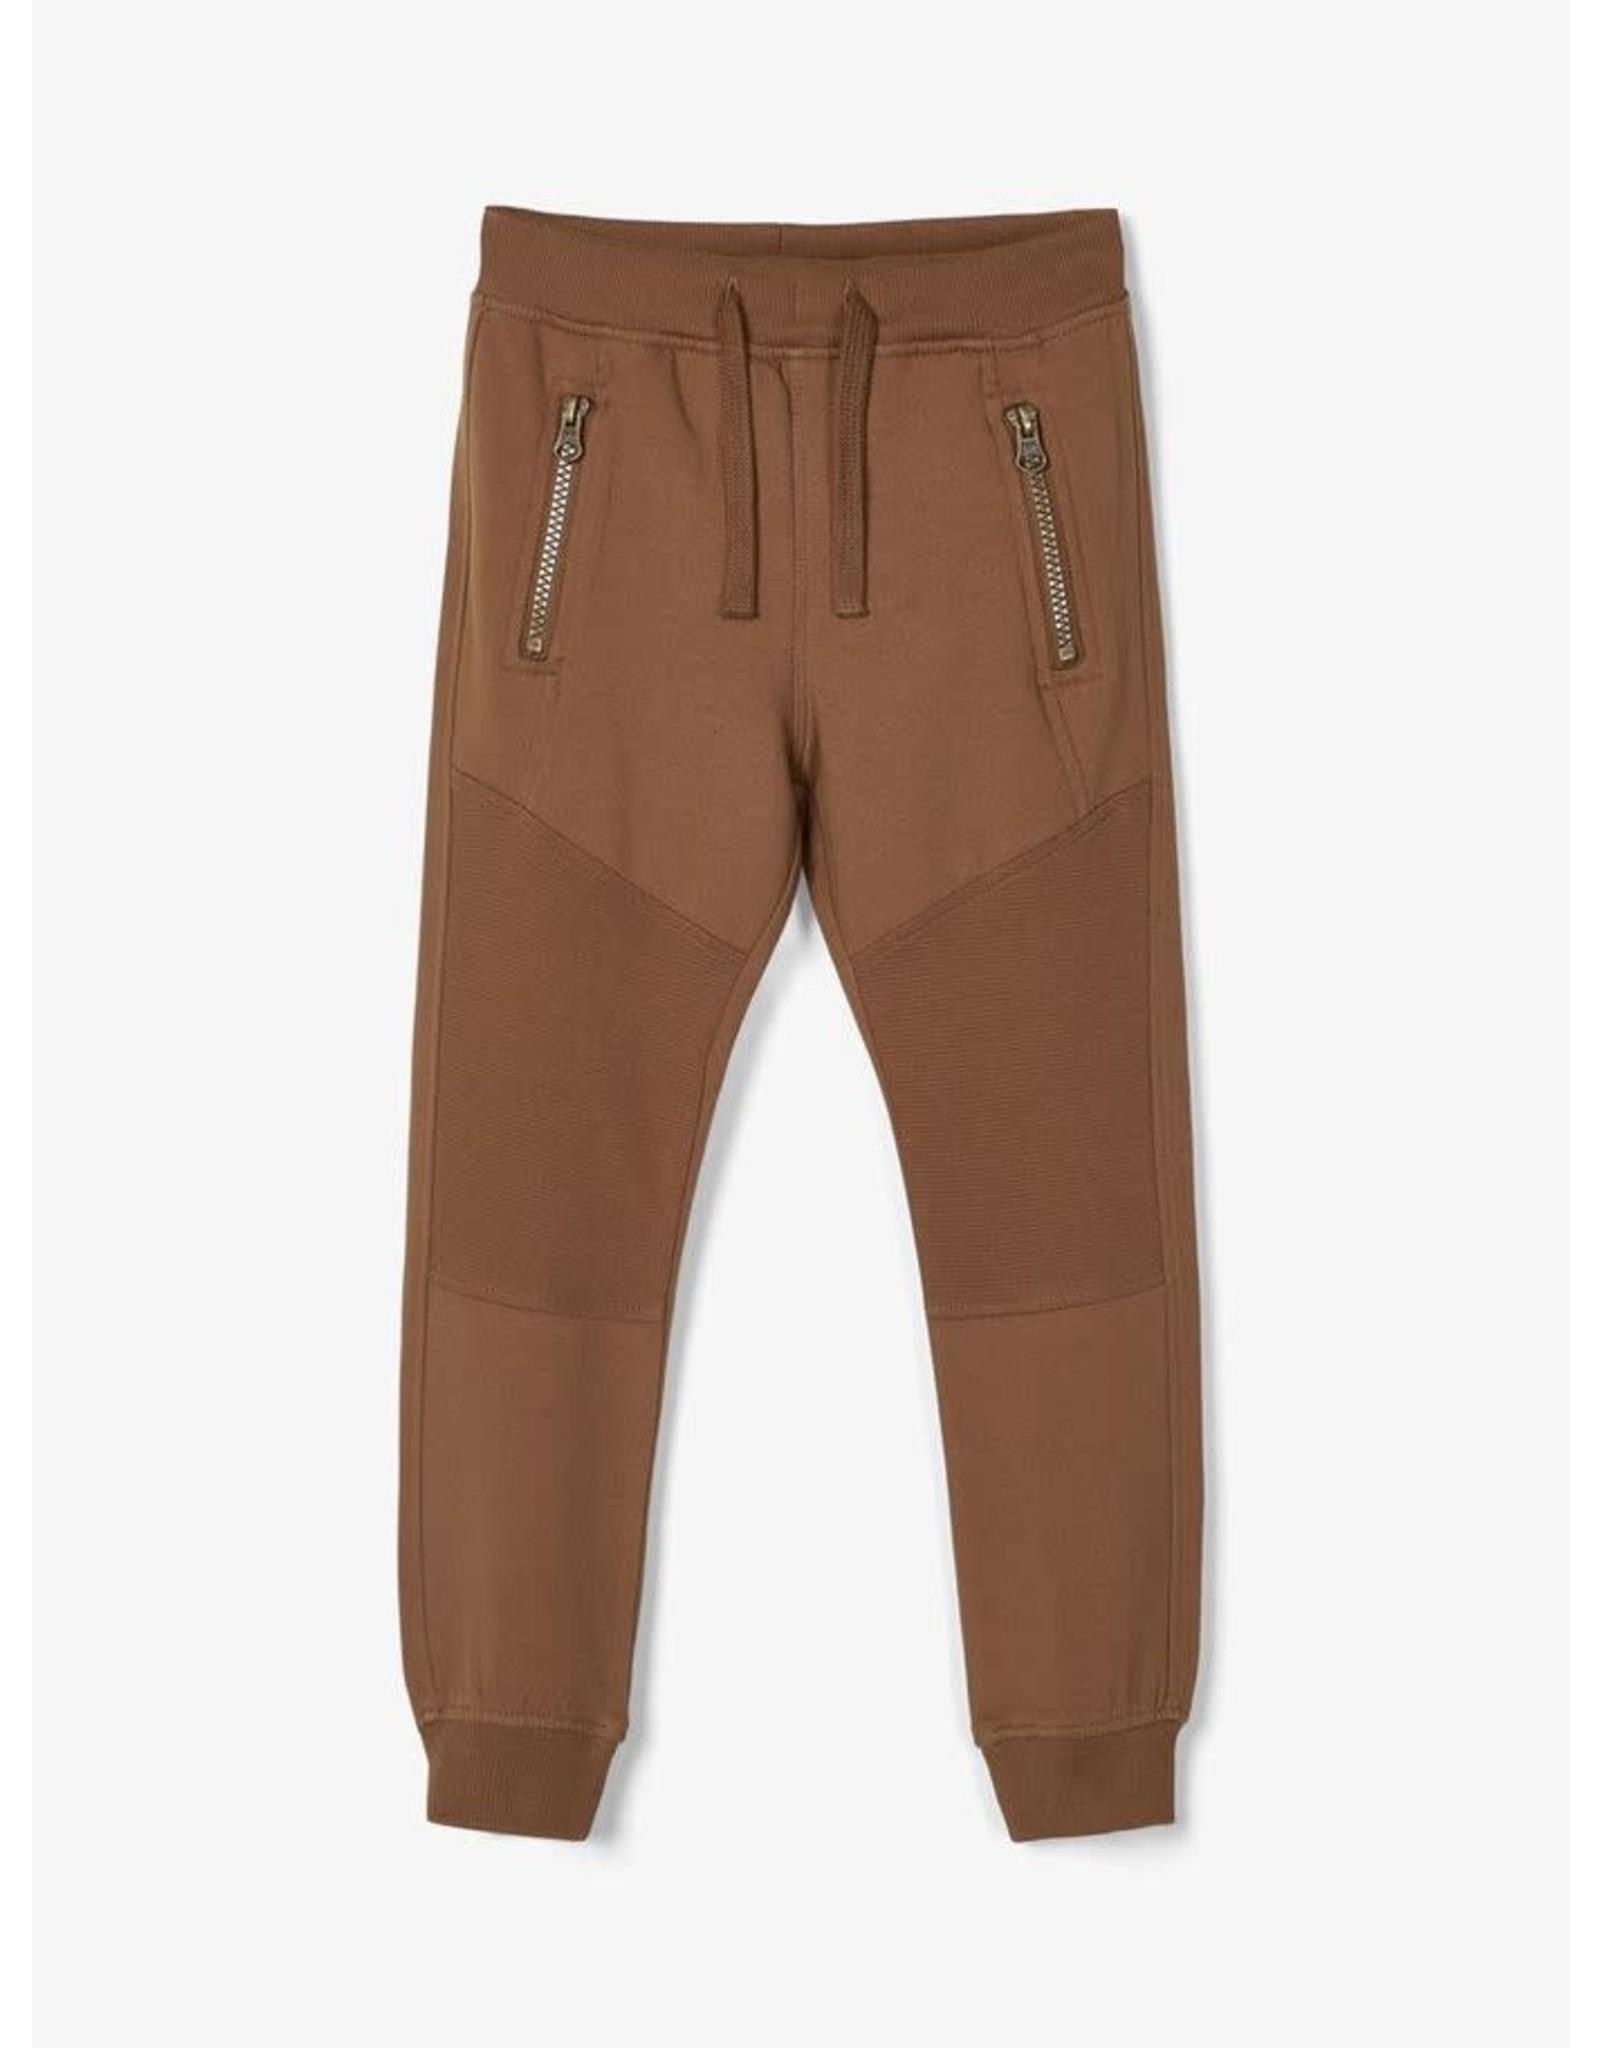 Name It Jogging broek bruin voor de kleine jongens